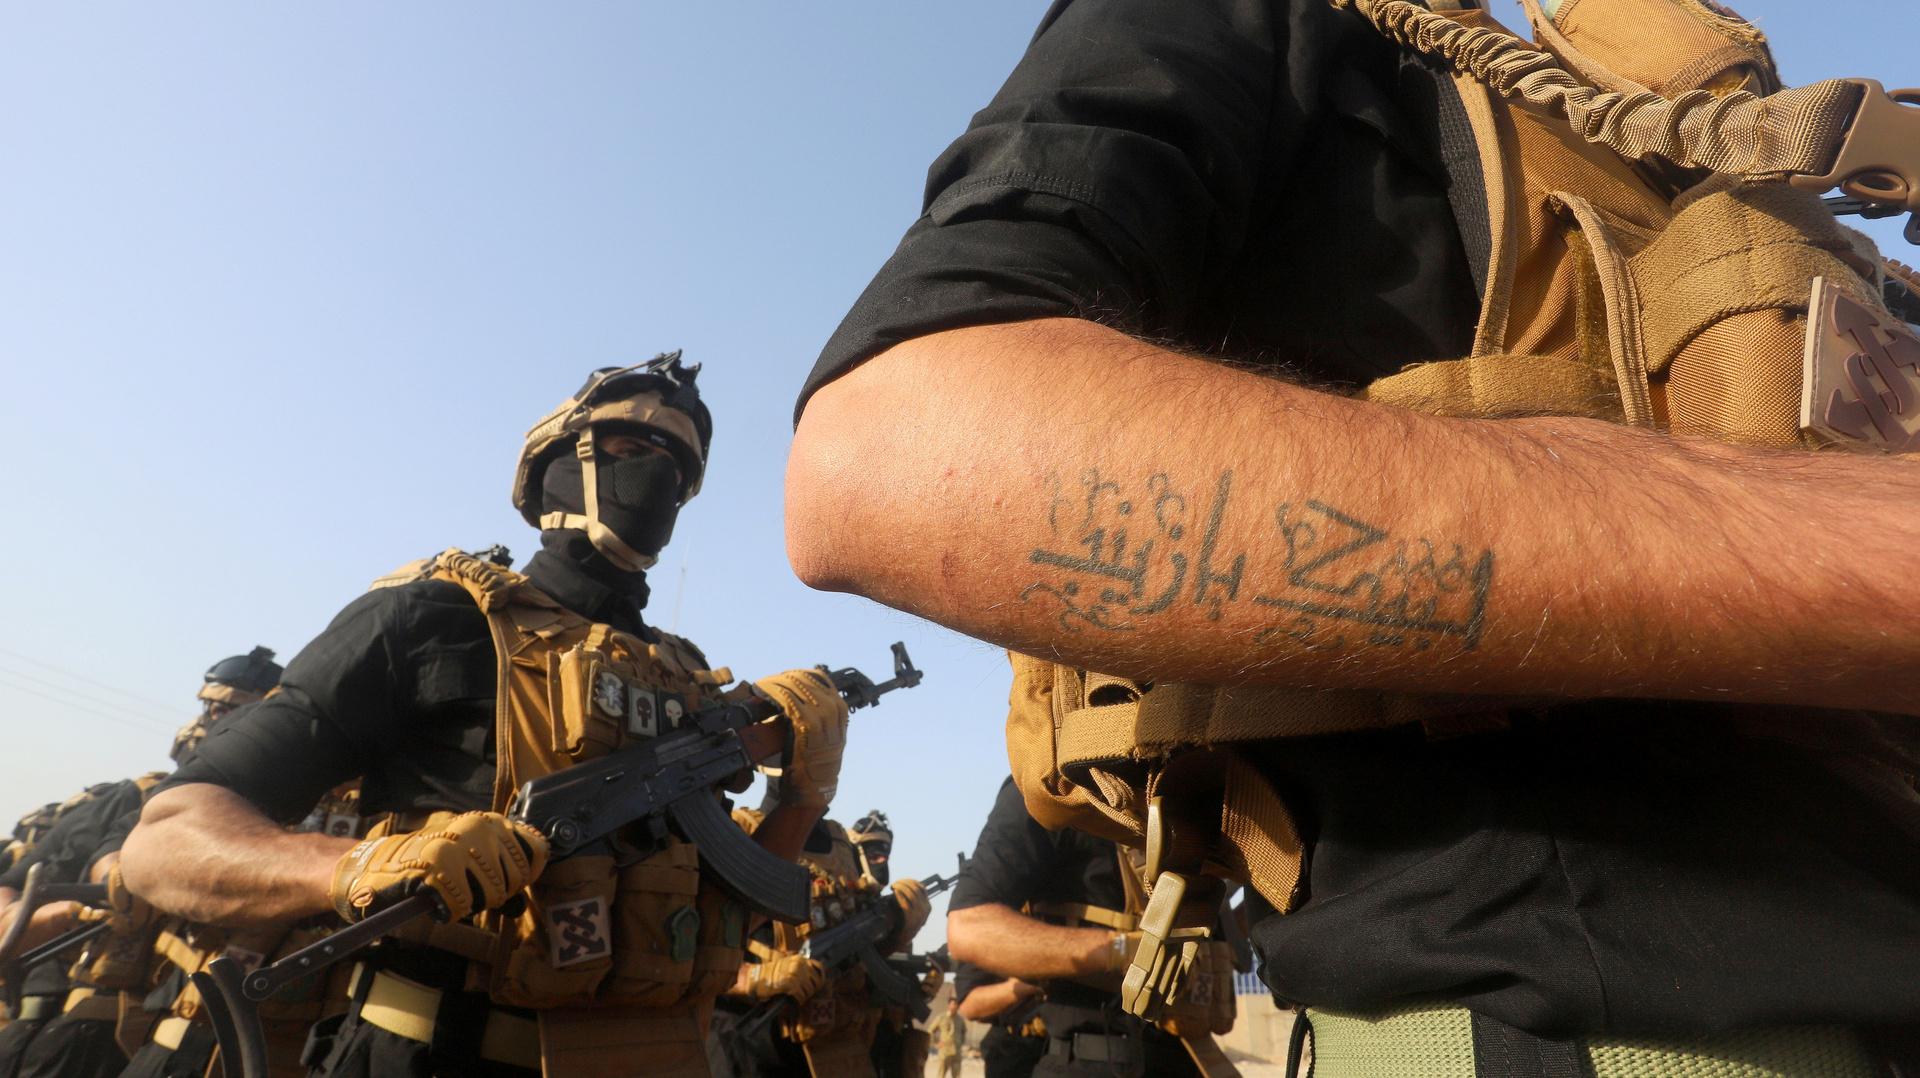 الحشد الشعبي: استهدافنا من قبل واشنطن يأتي ضمن عملية إضعاف القوات العراقية